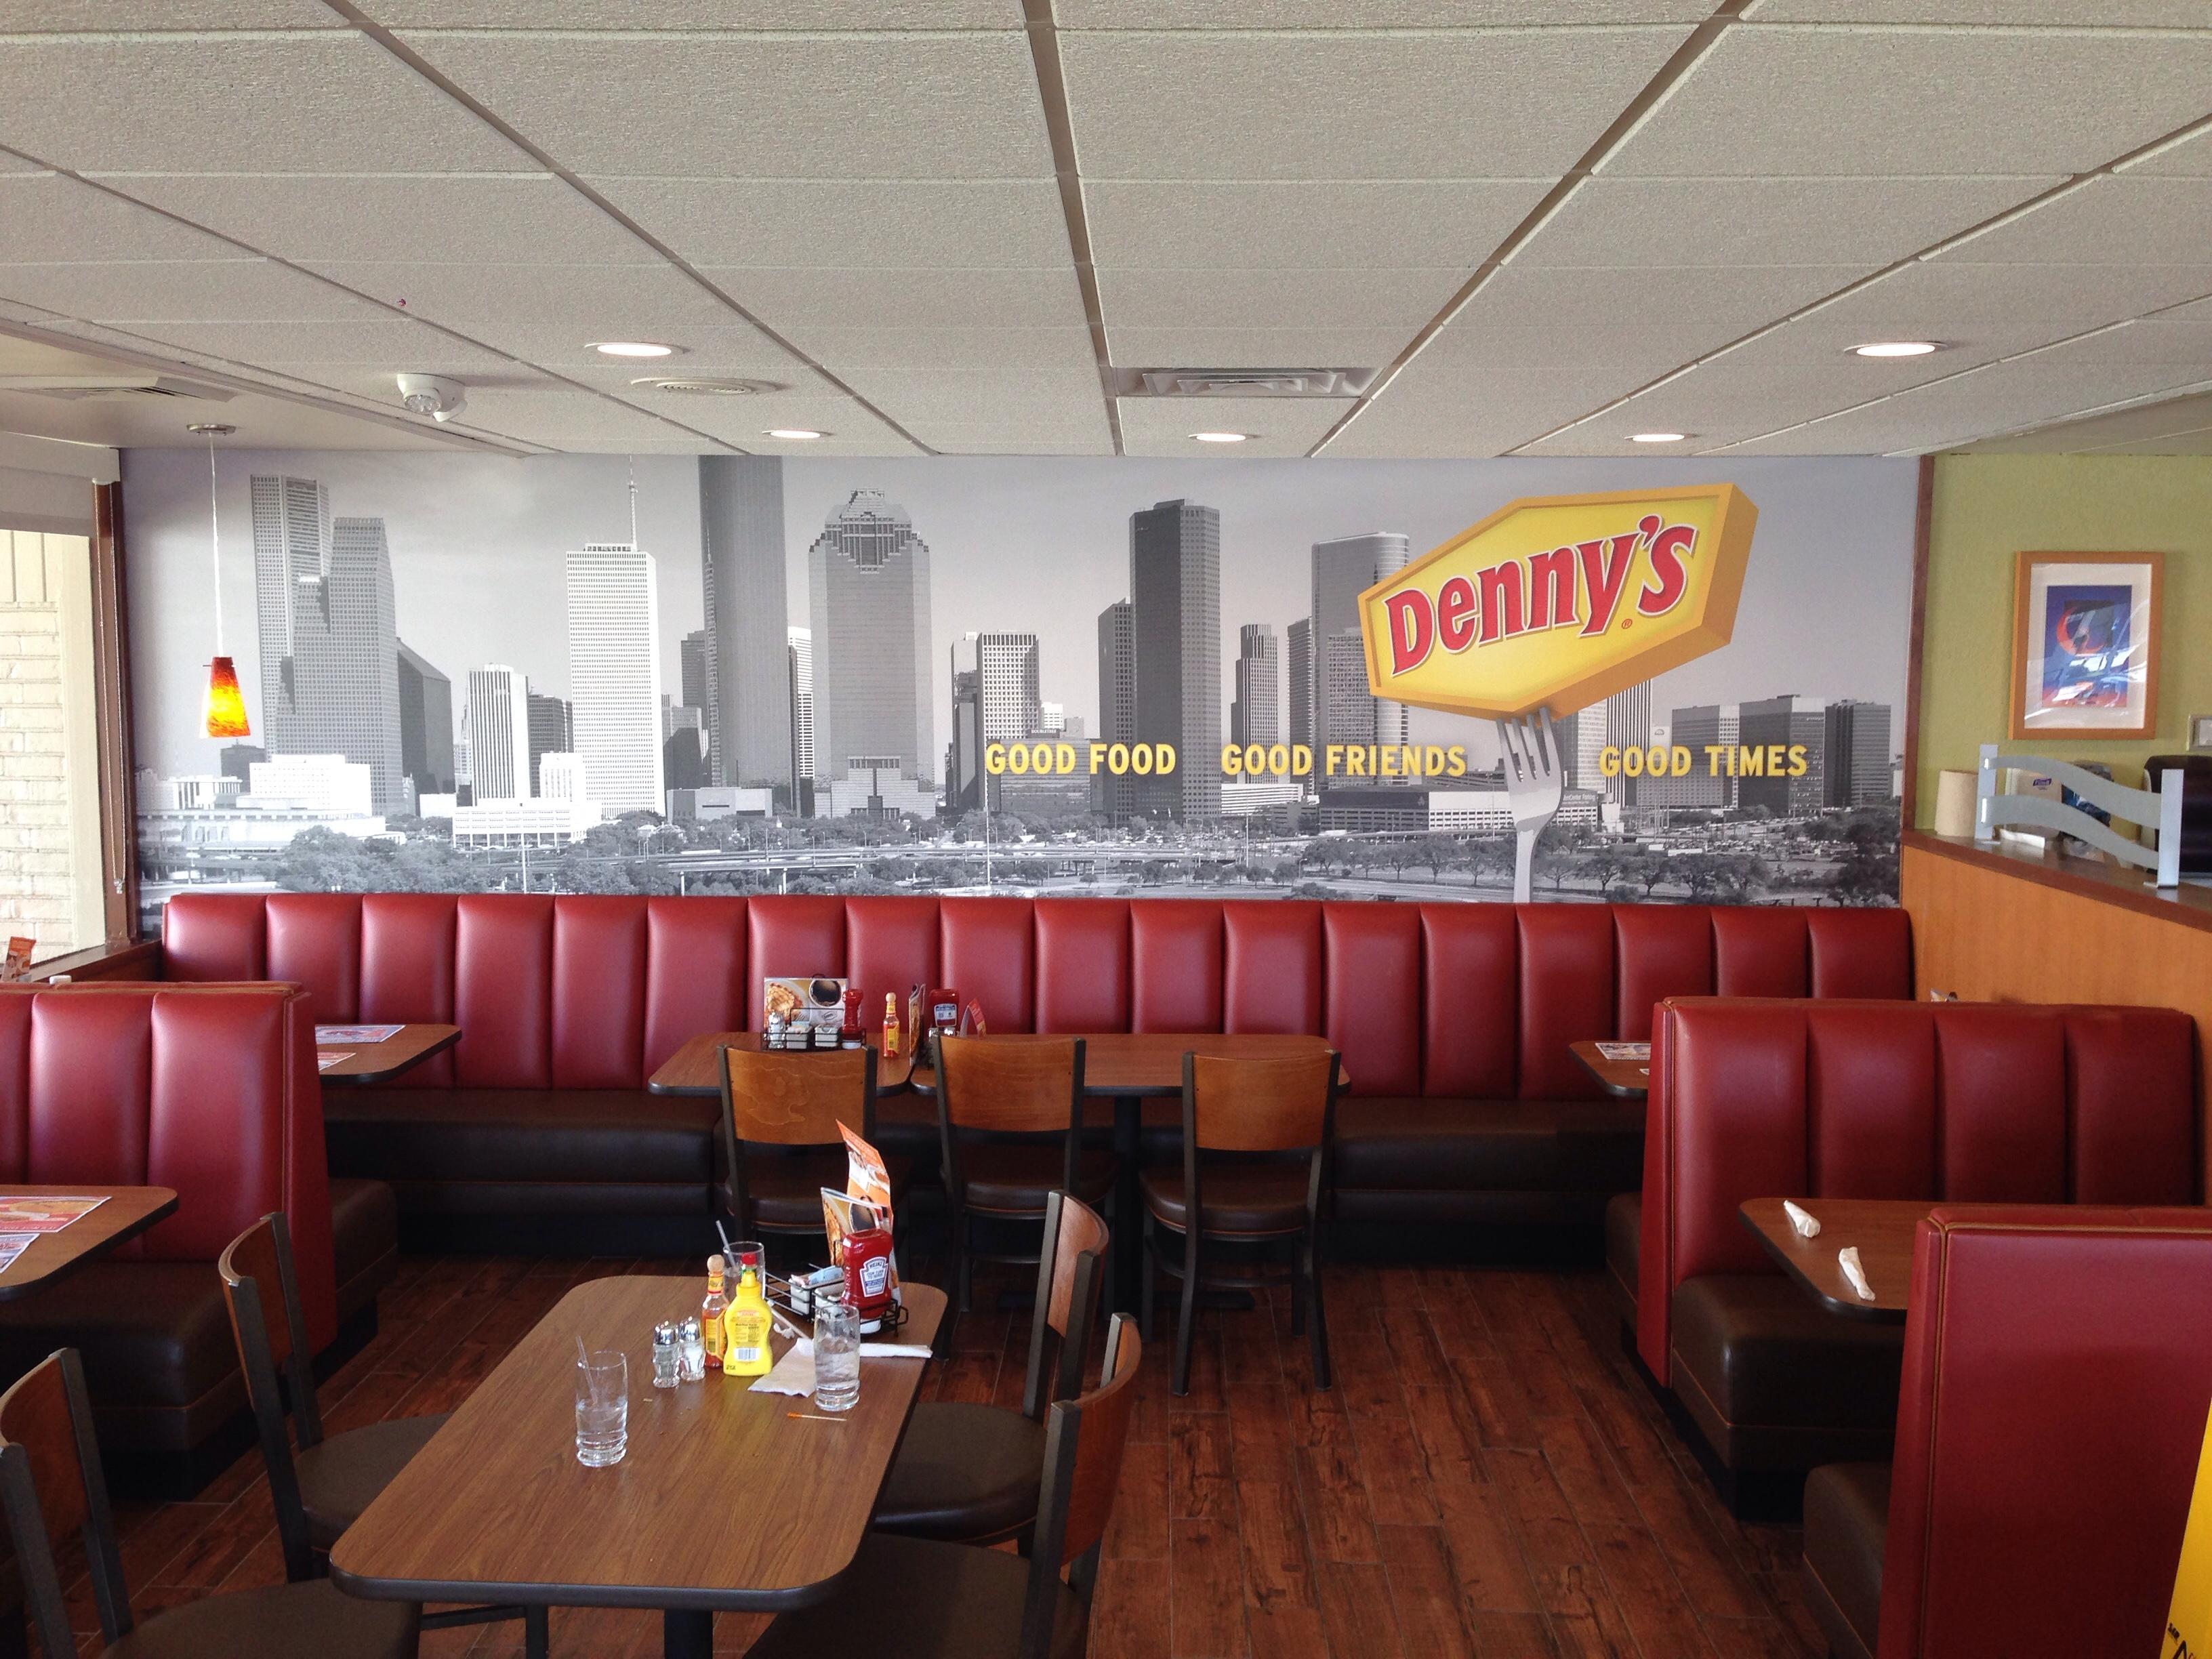 Interior Denny's Restaurant